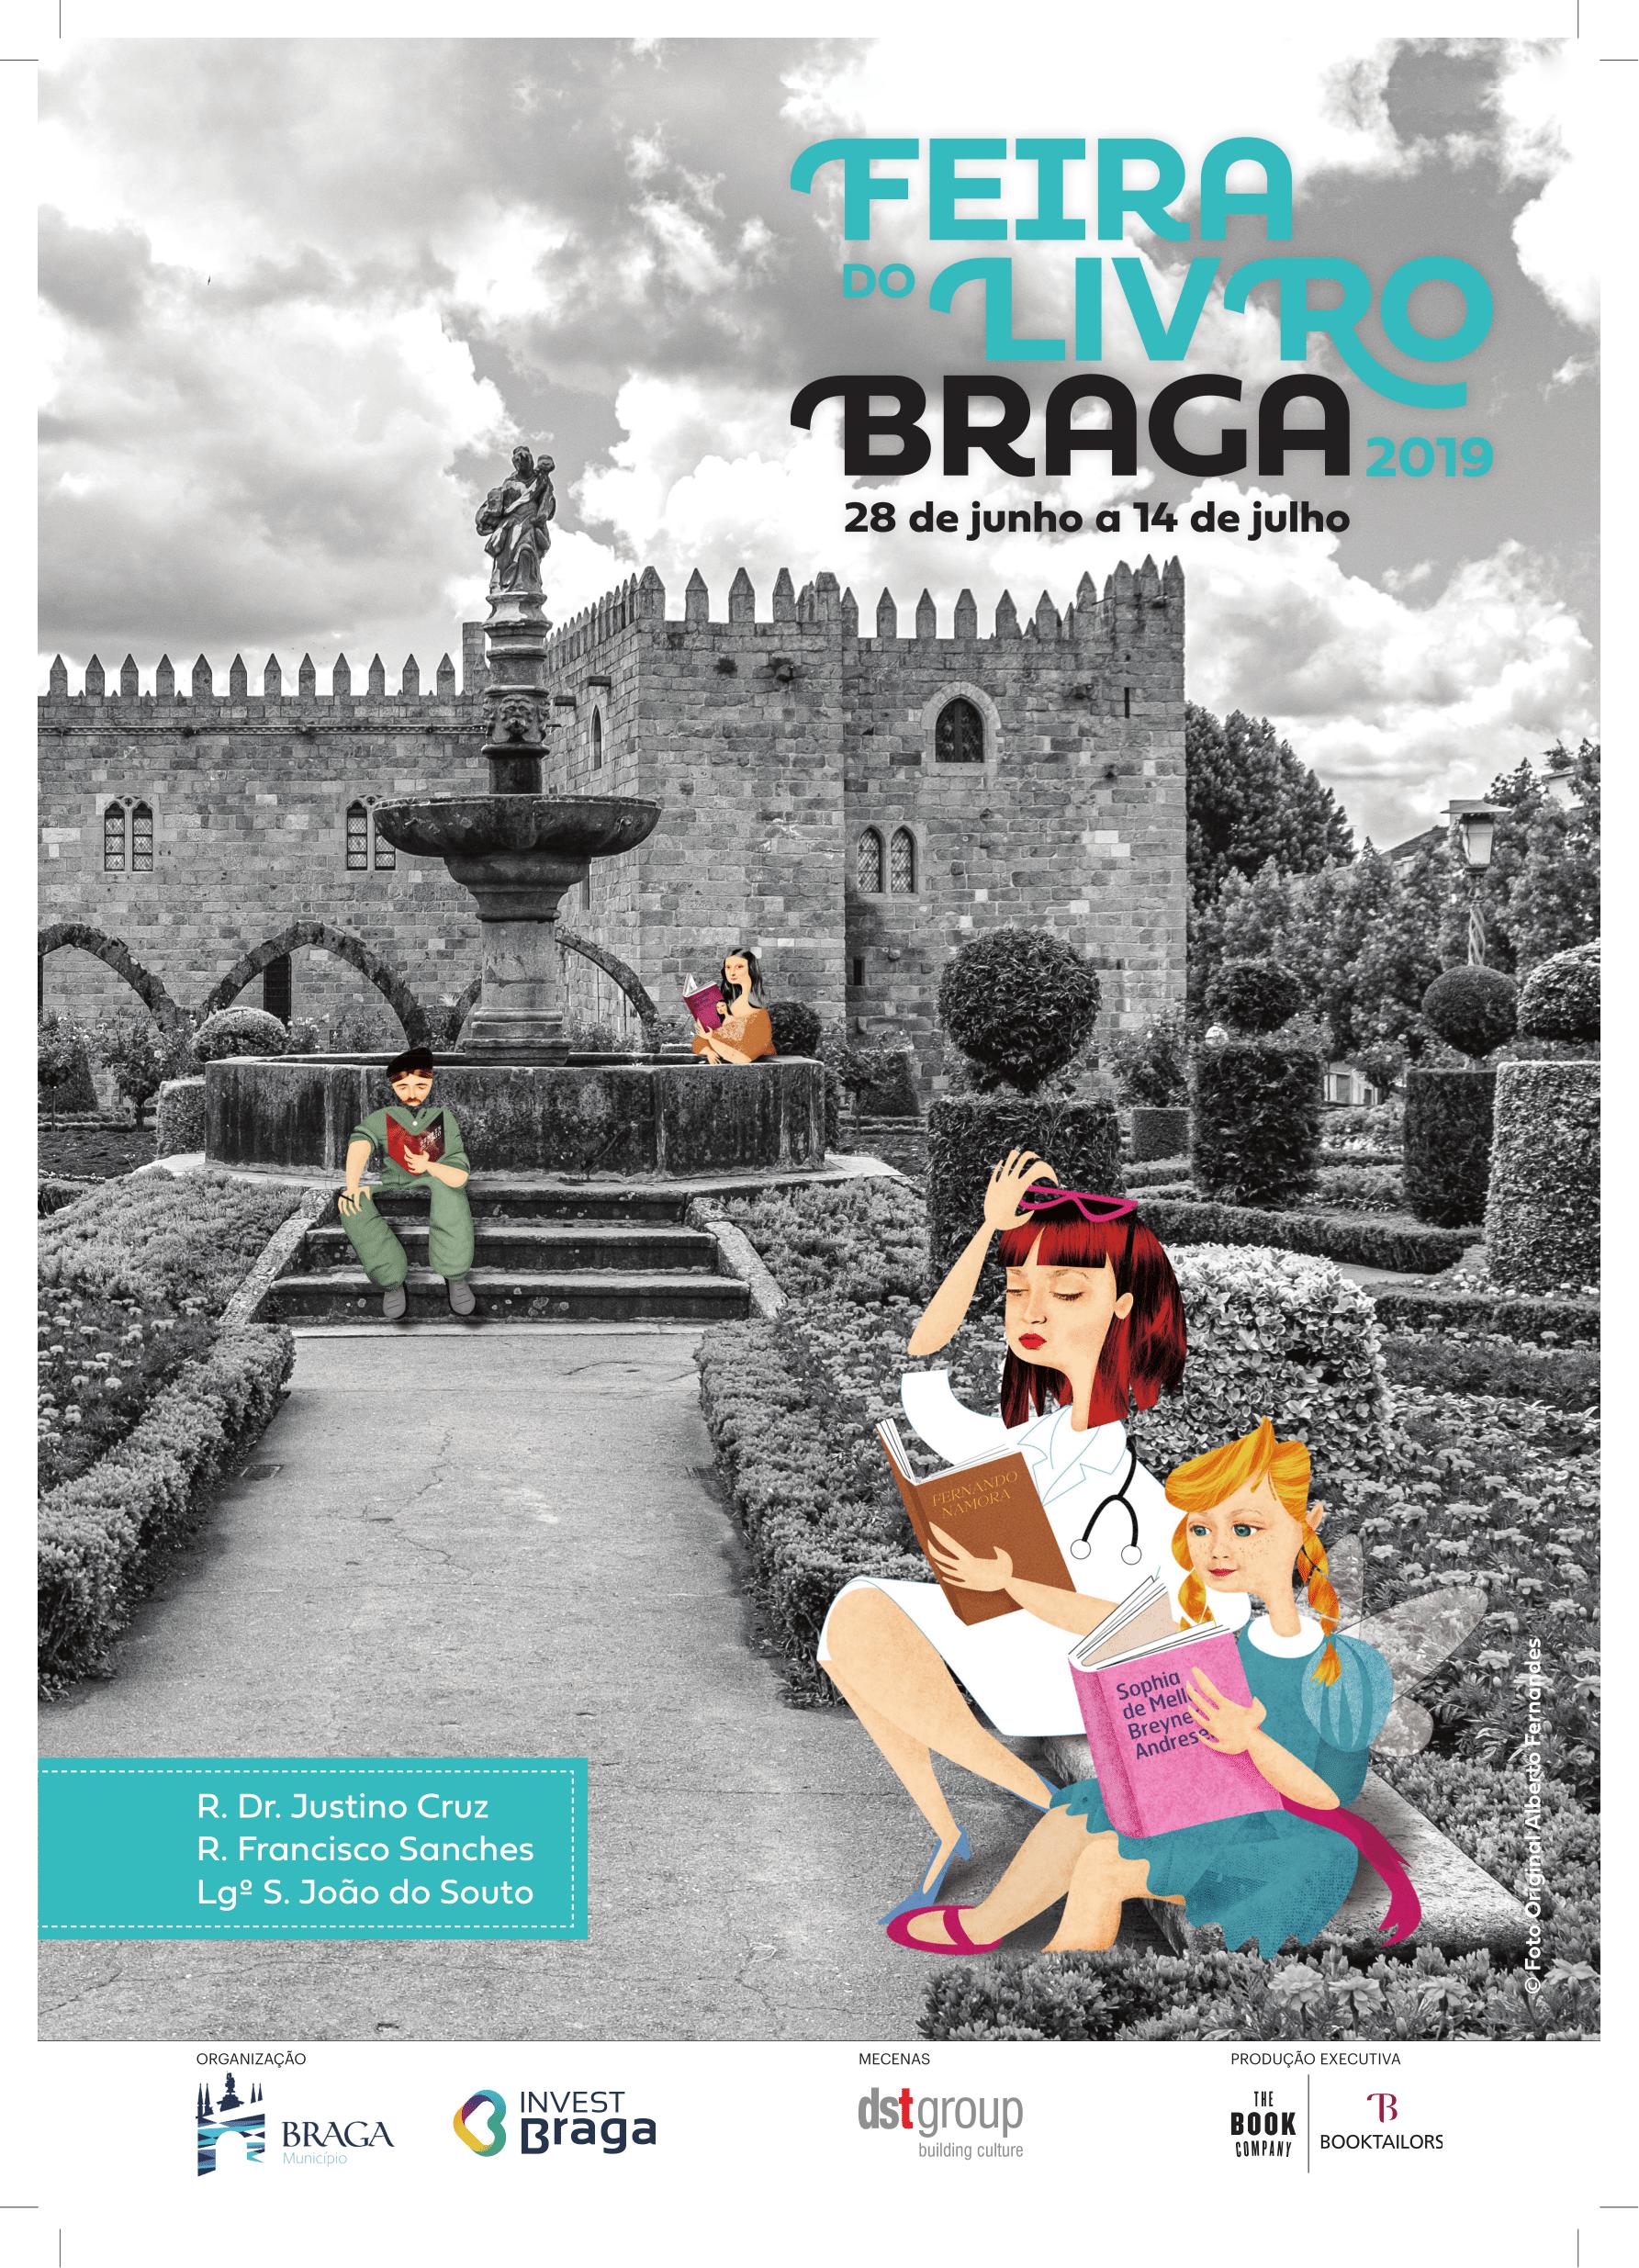 CECS in the Feira do Livro de Braga'2019